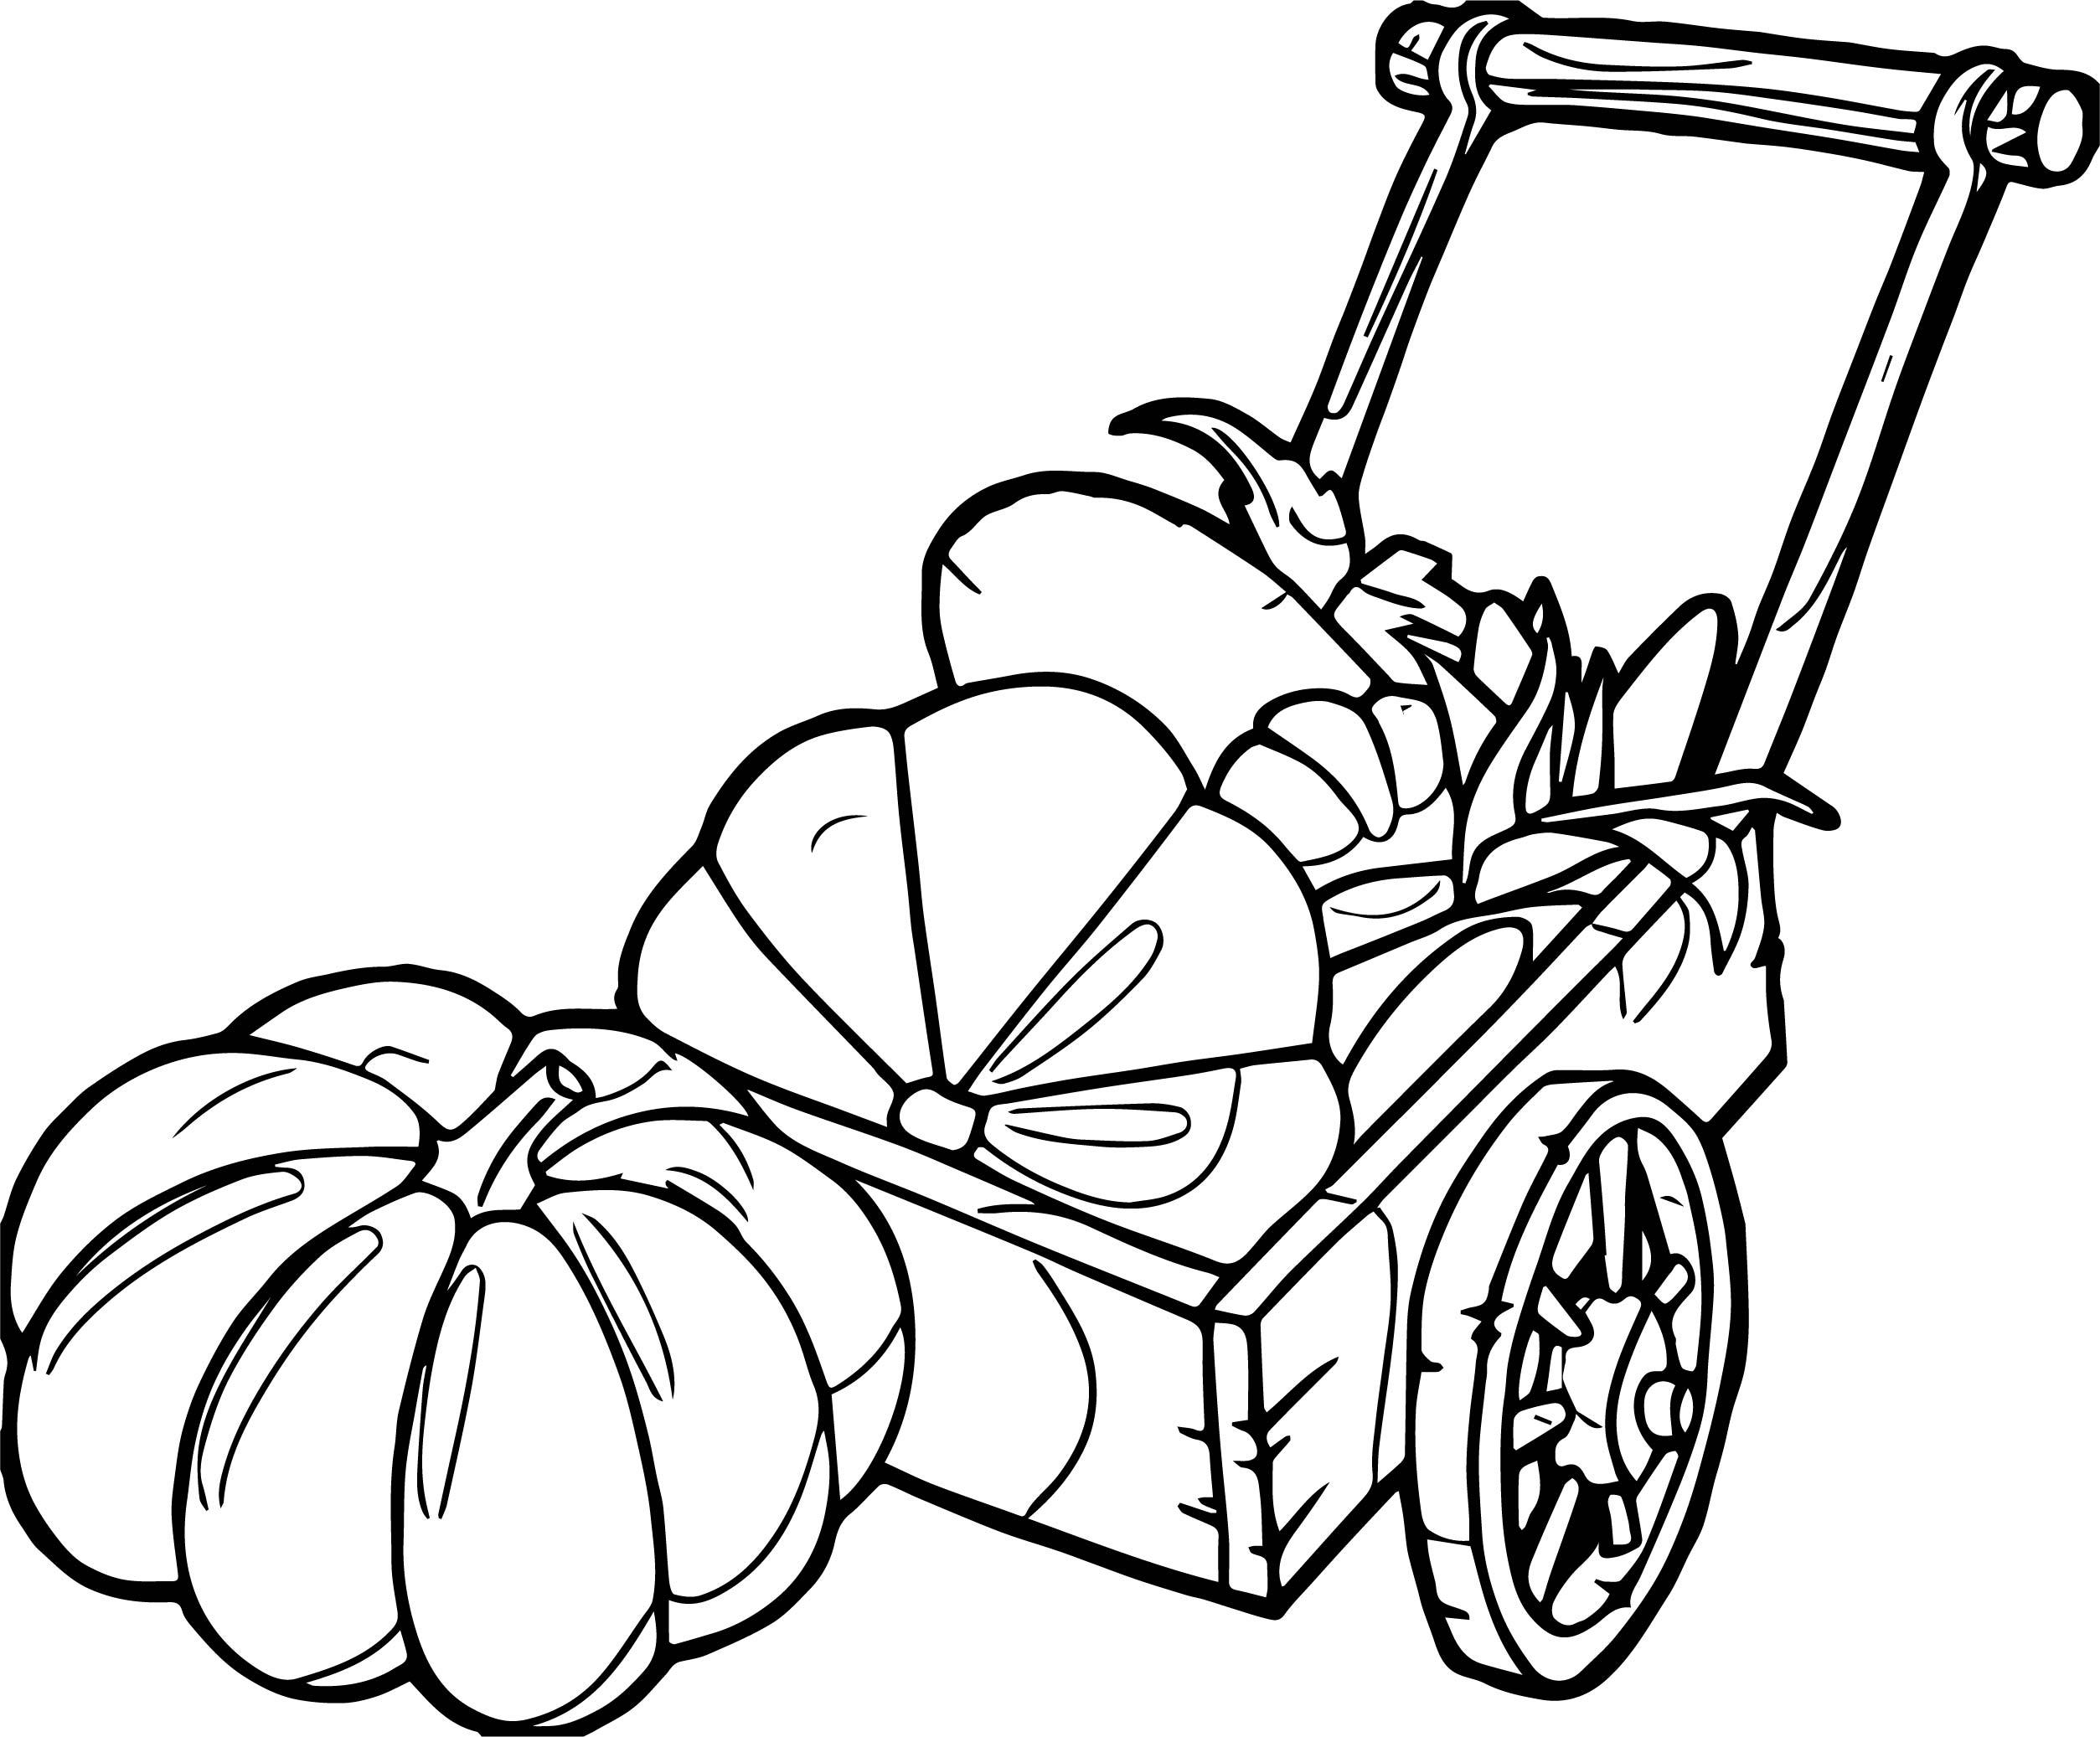 Autumn Pumpkins Coloring Page